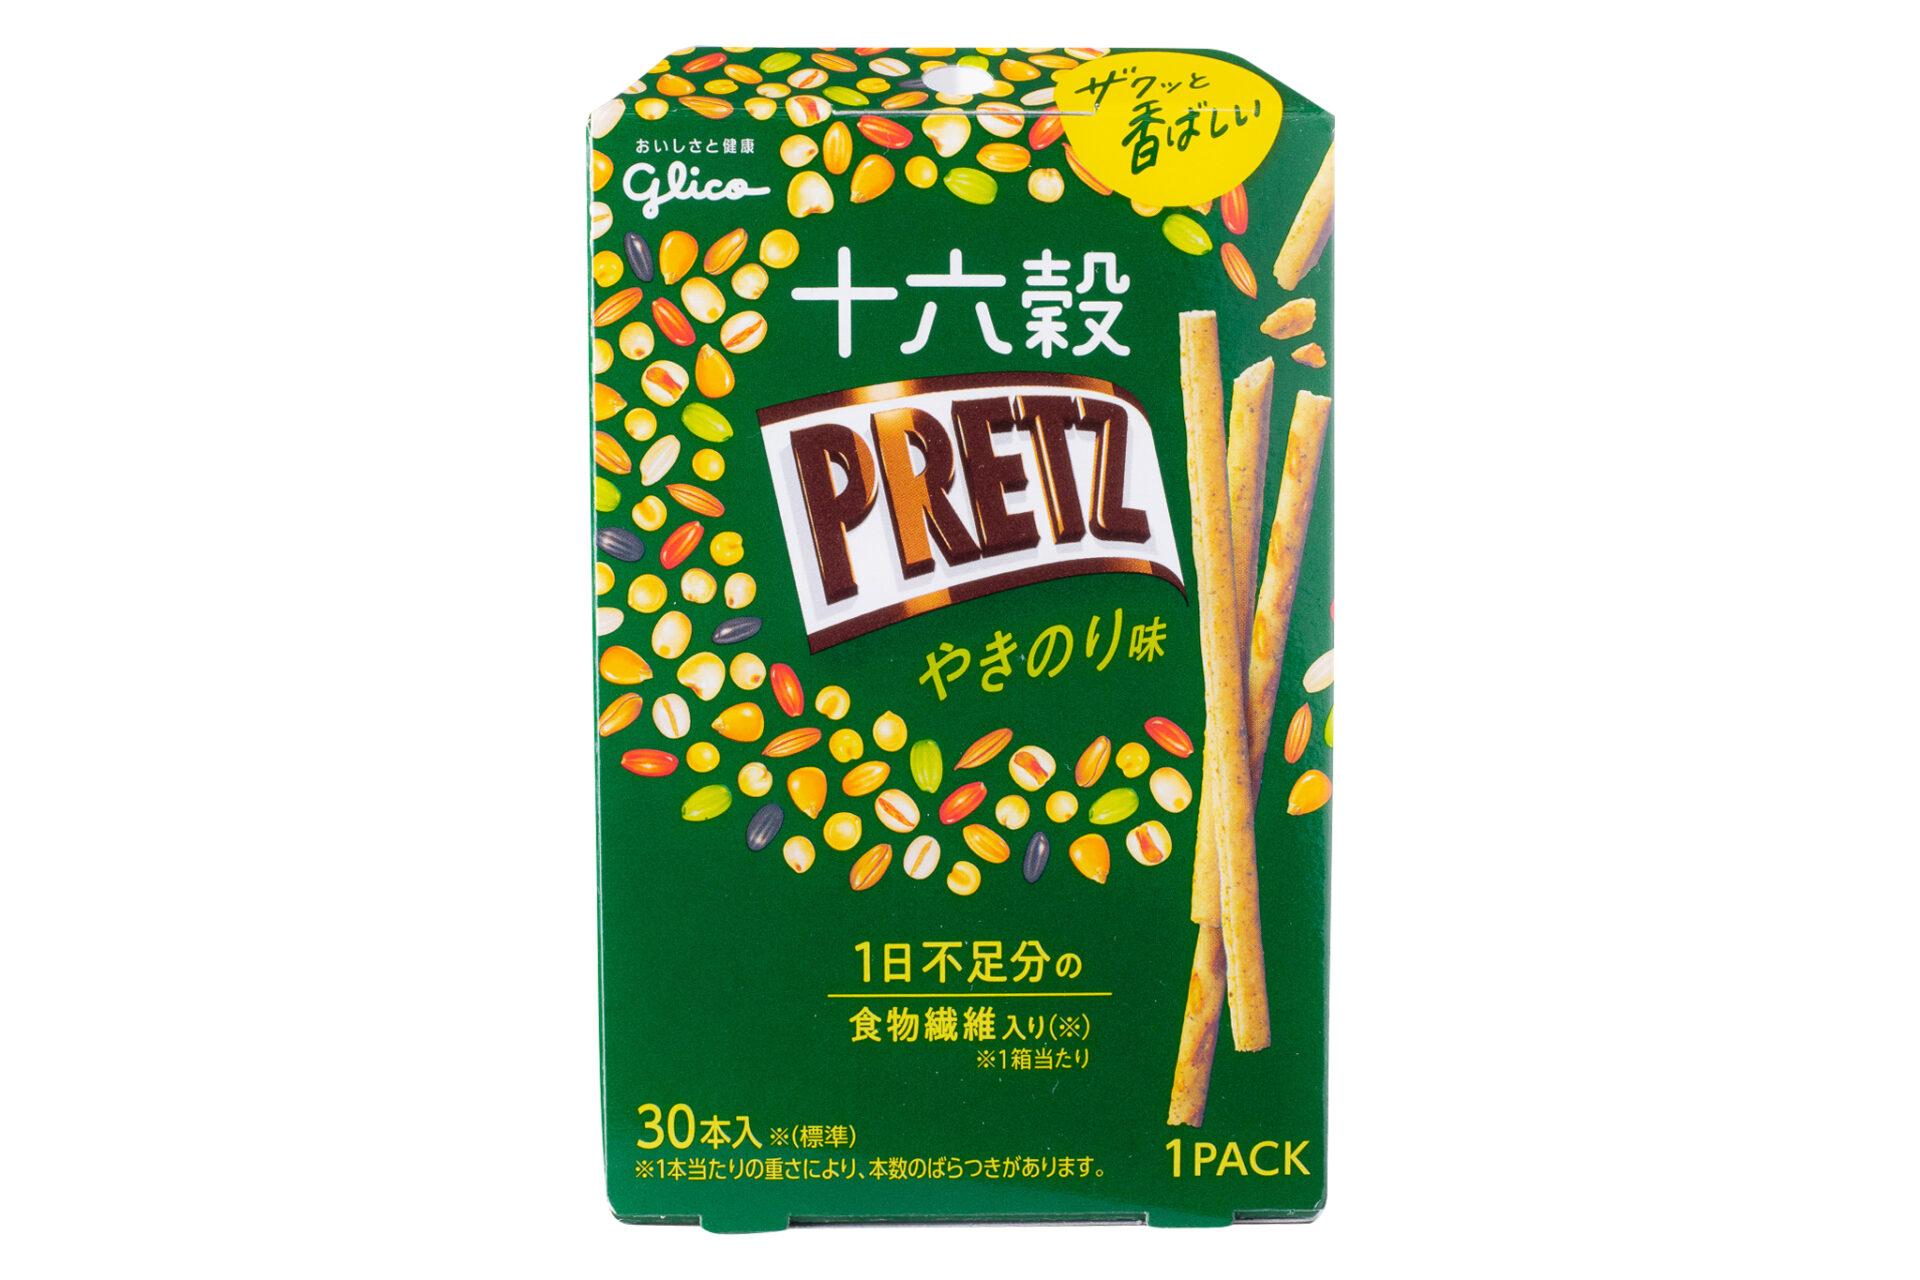 グリコ『十六穀プリッツ<やきのり味>』